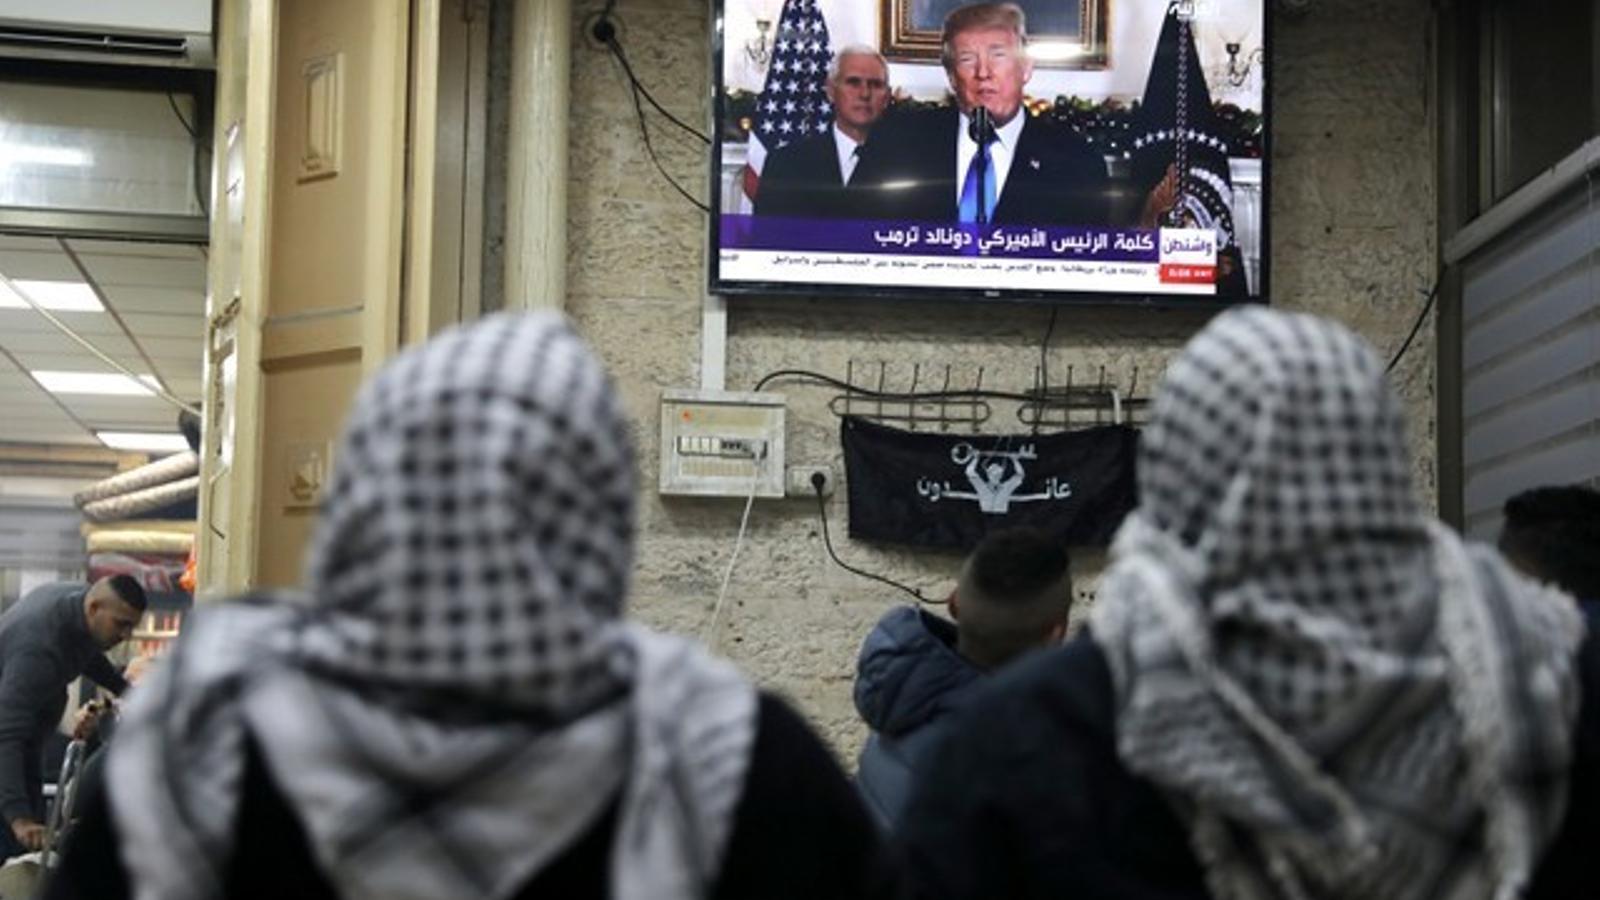 Dos palestins segueixen la compareixença de Trump en què anuncia el reconeixement de Jerusalem com a capital d'Israel.